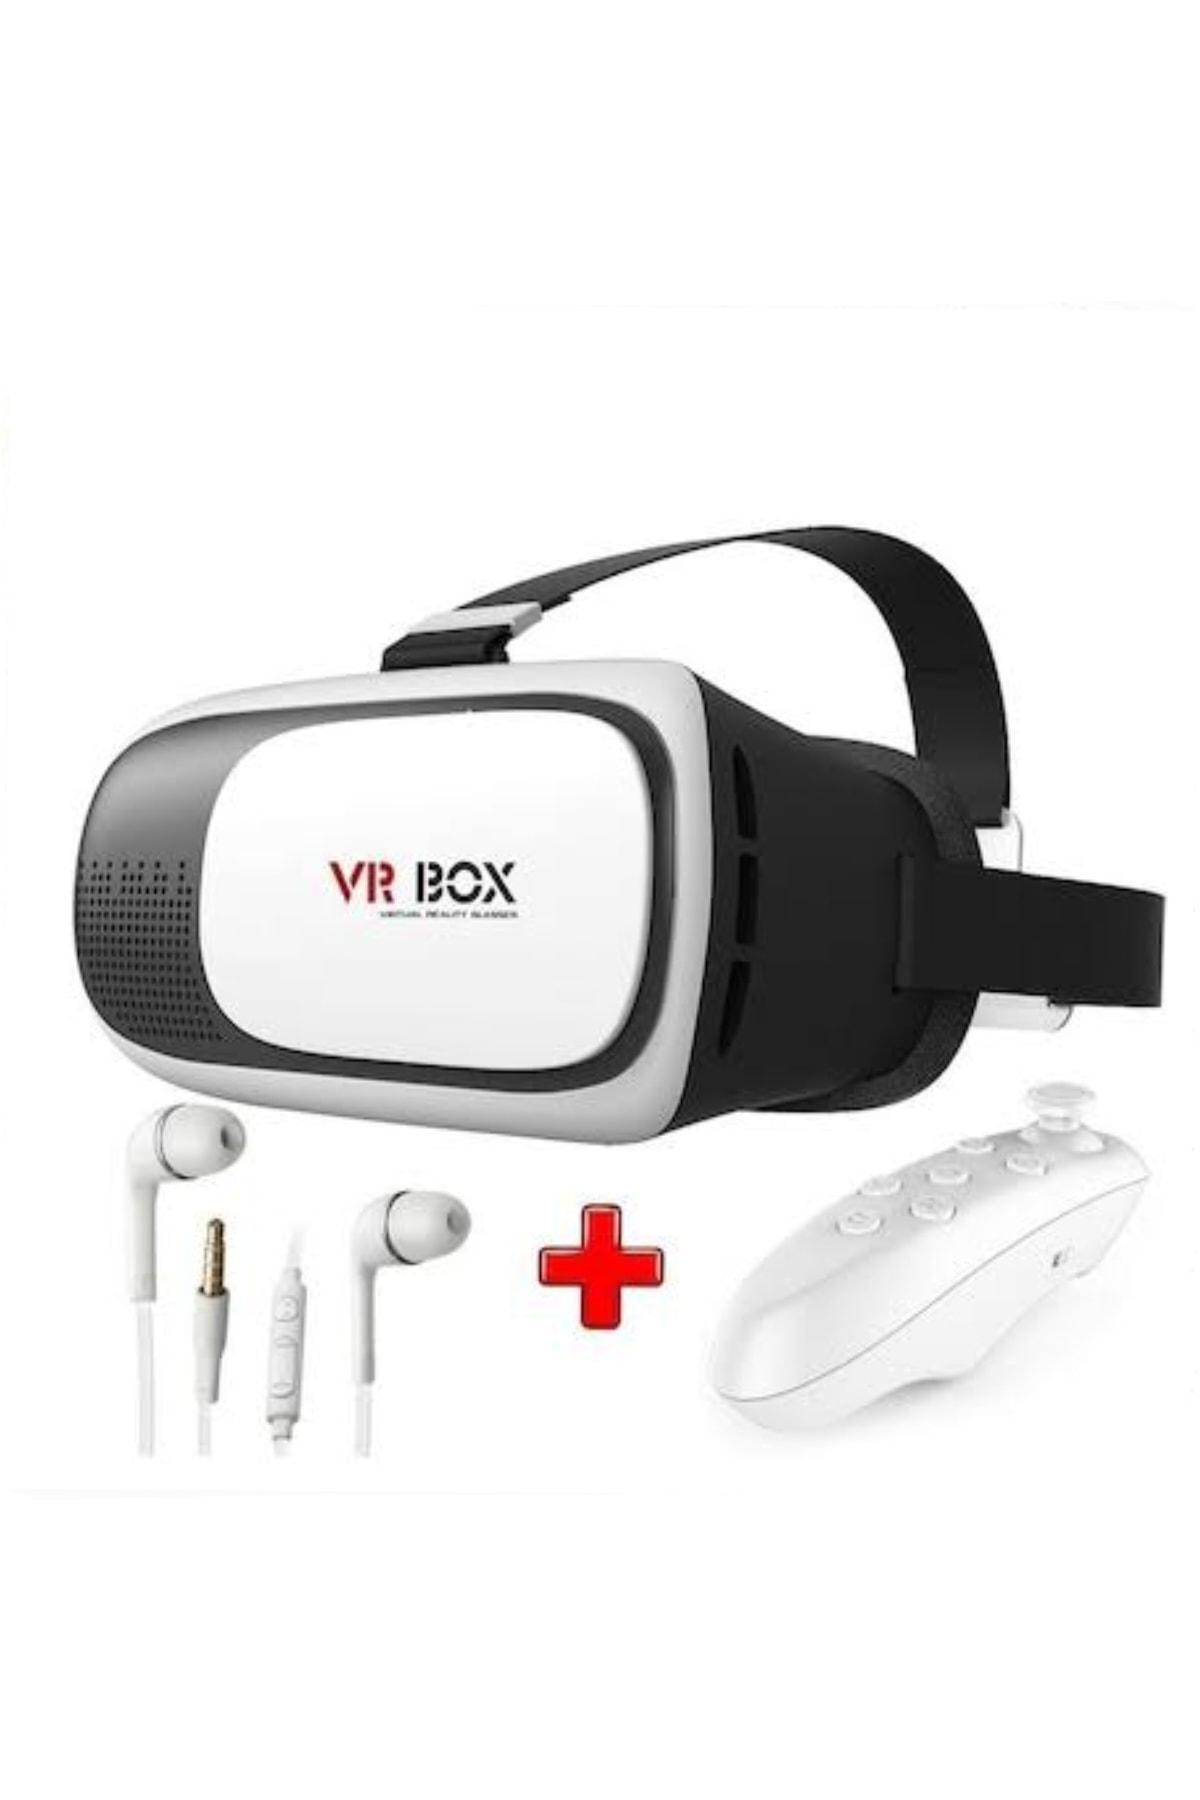 VR BOX 3D 3in1 Sanal Gerçeklik Gözlüğü Seti 1